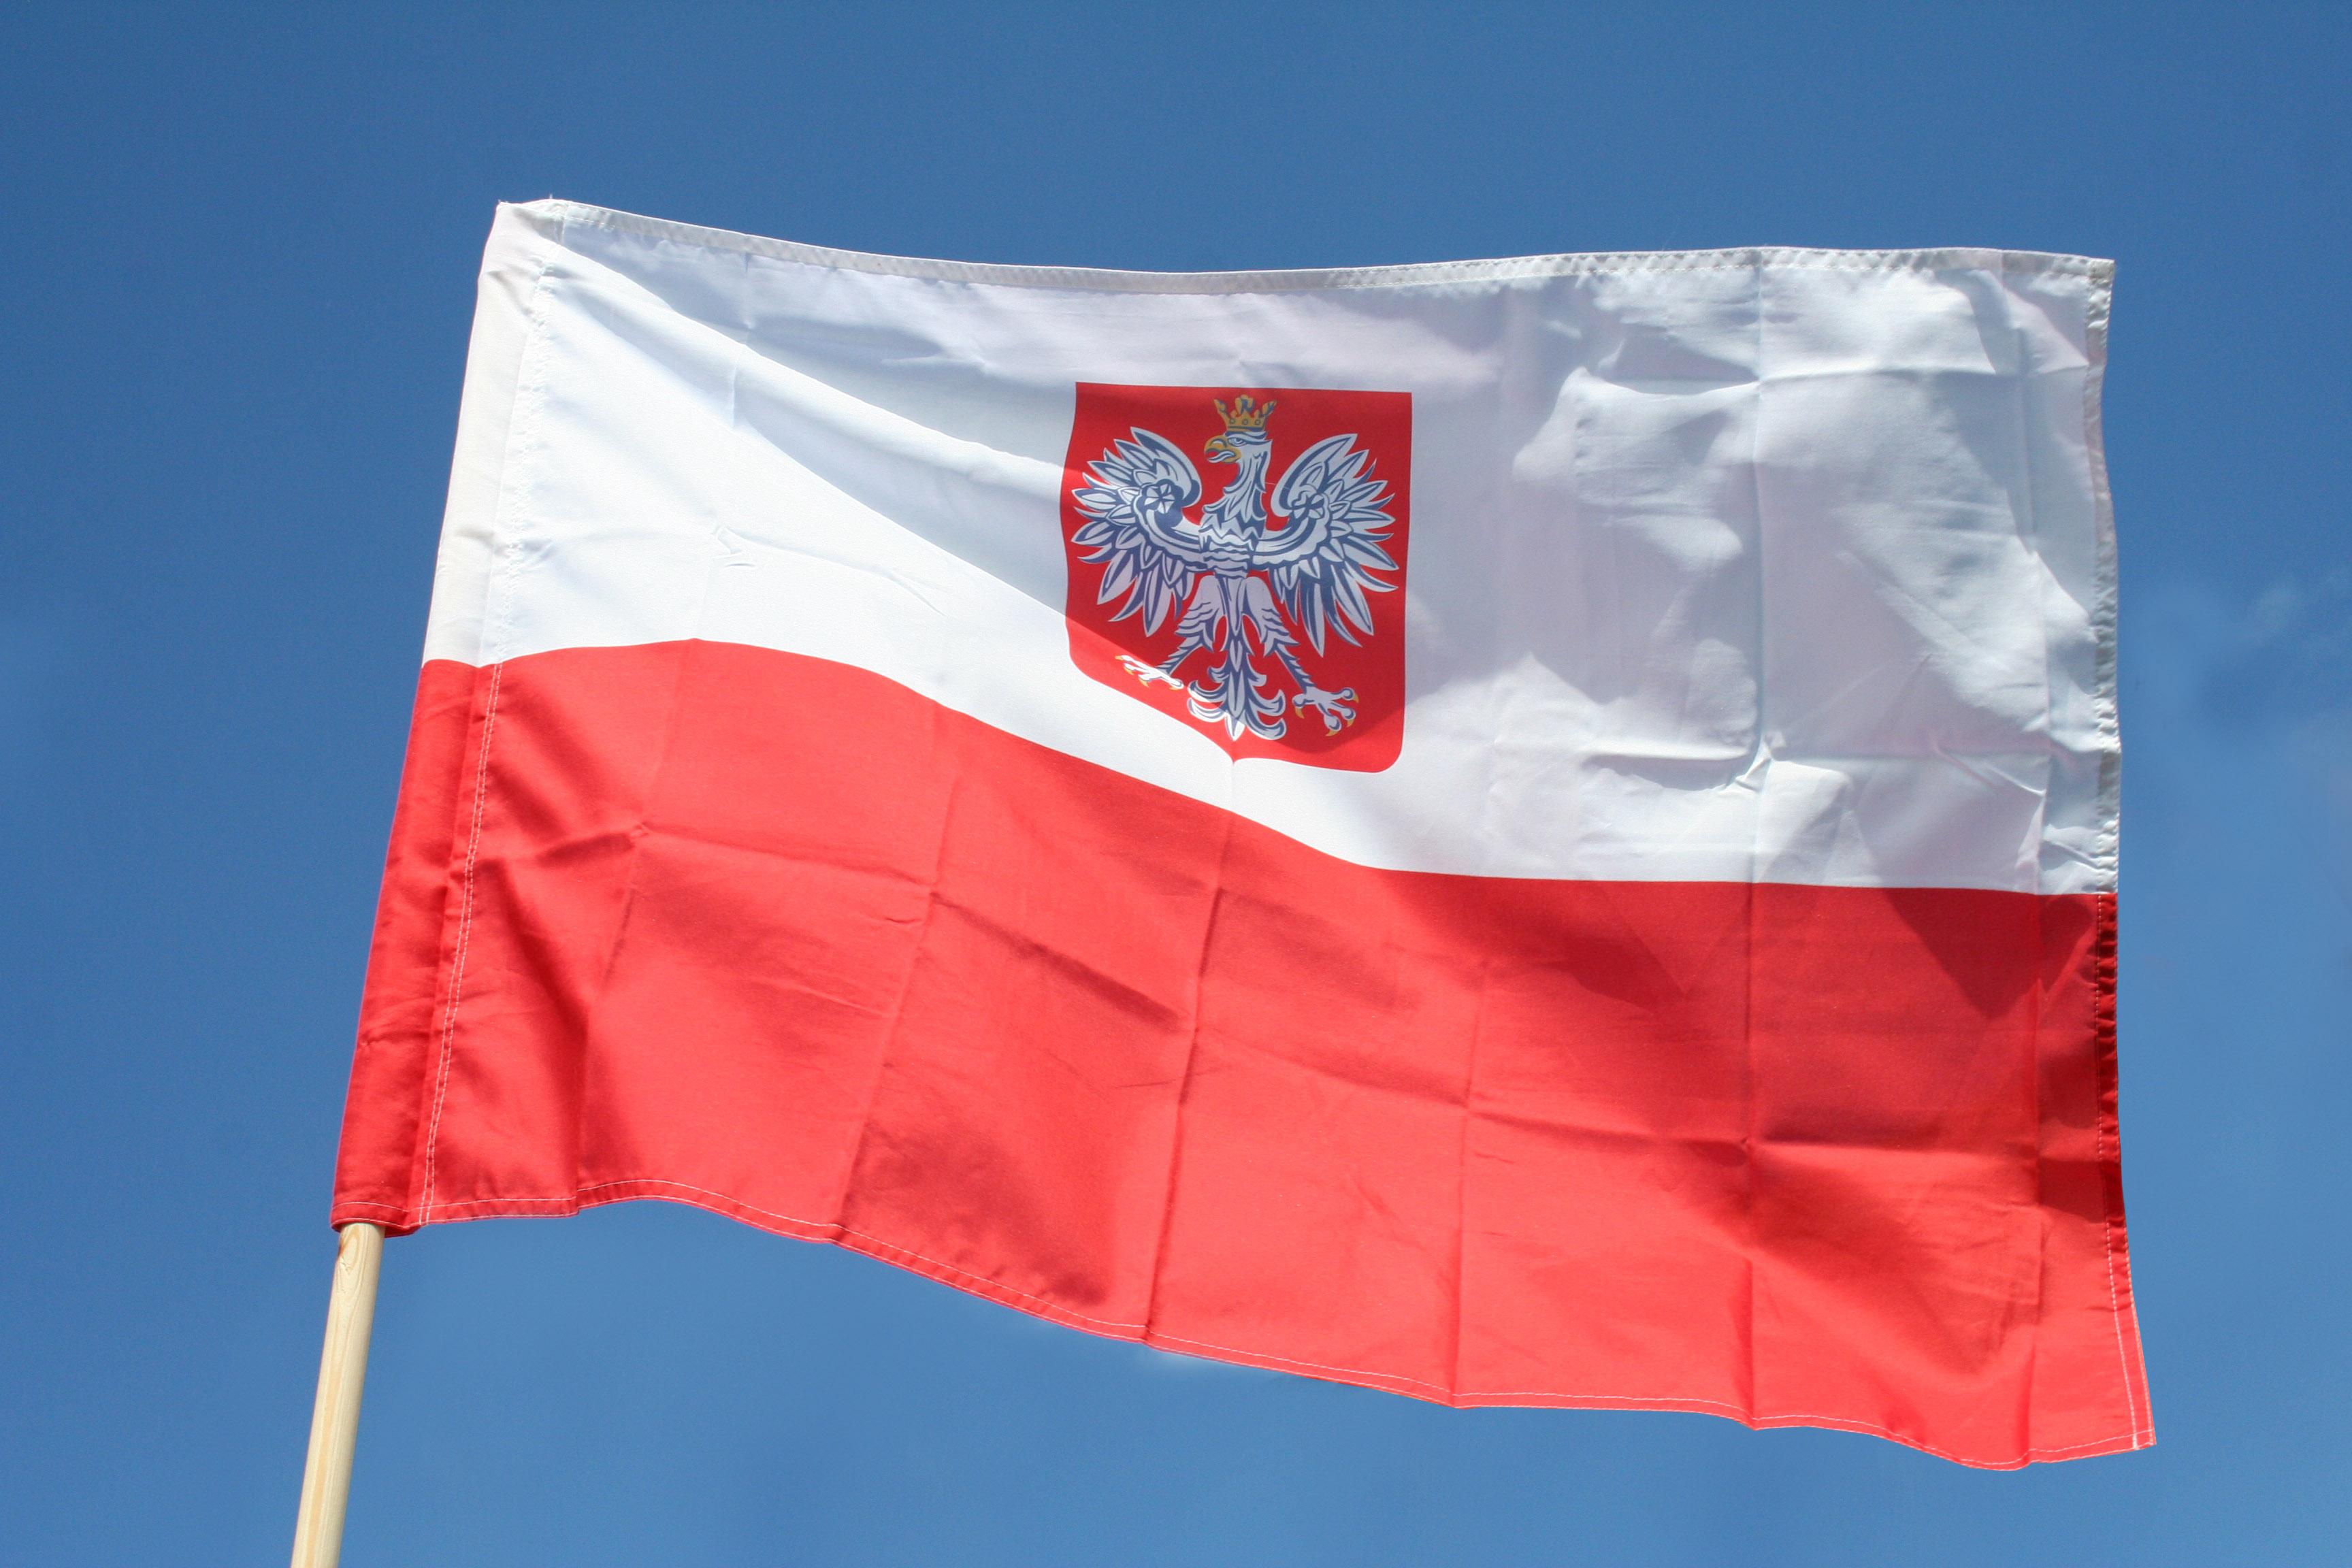 Backward Poland bans online gambling